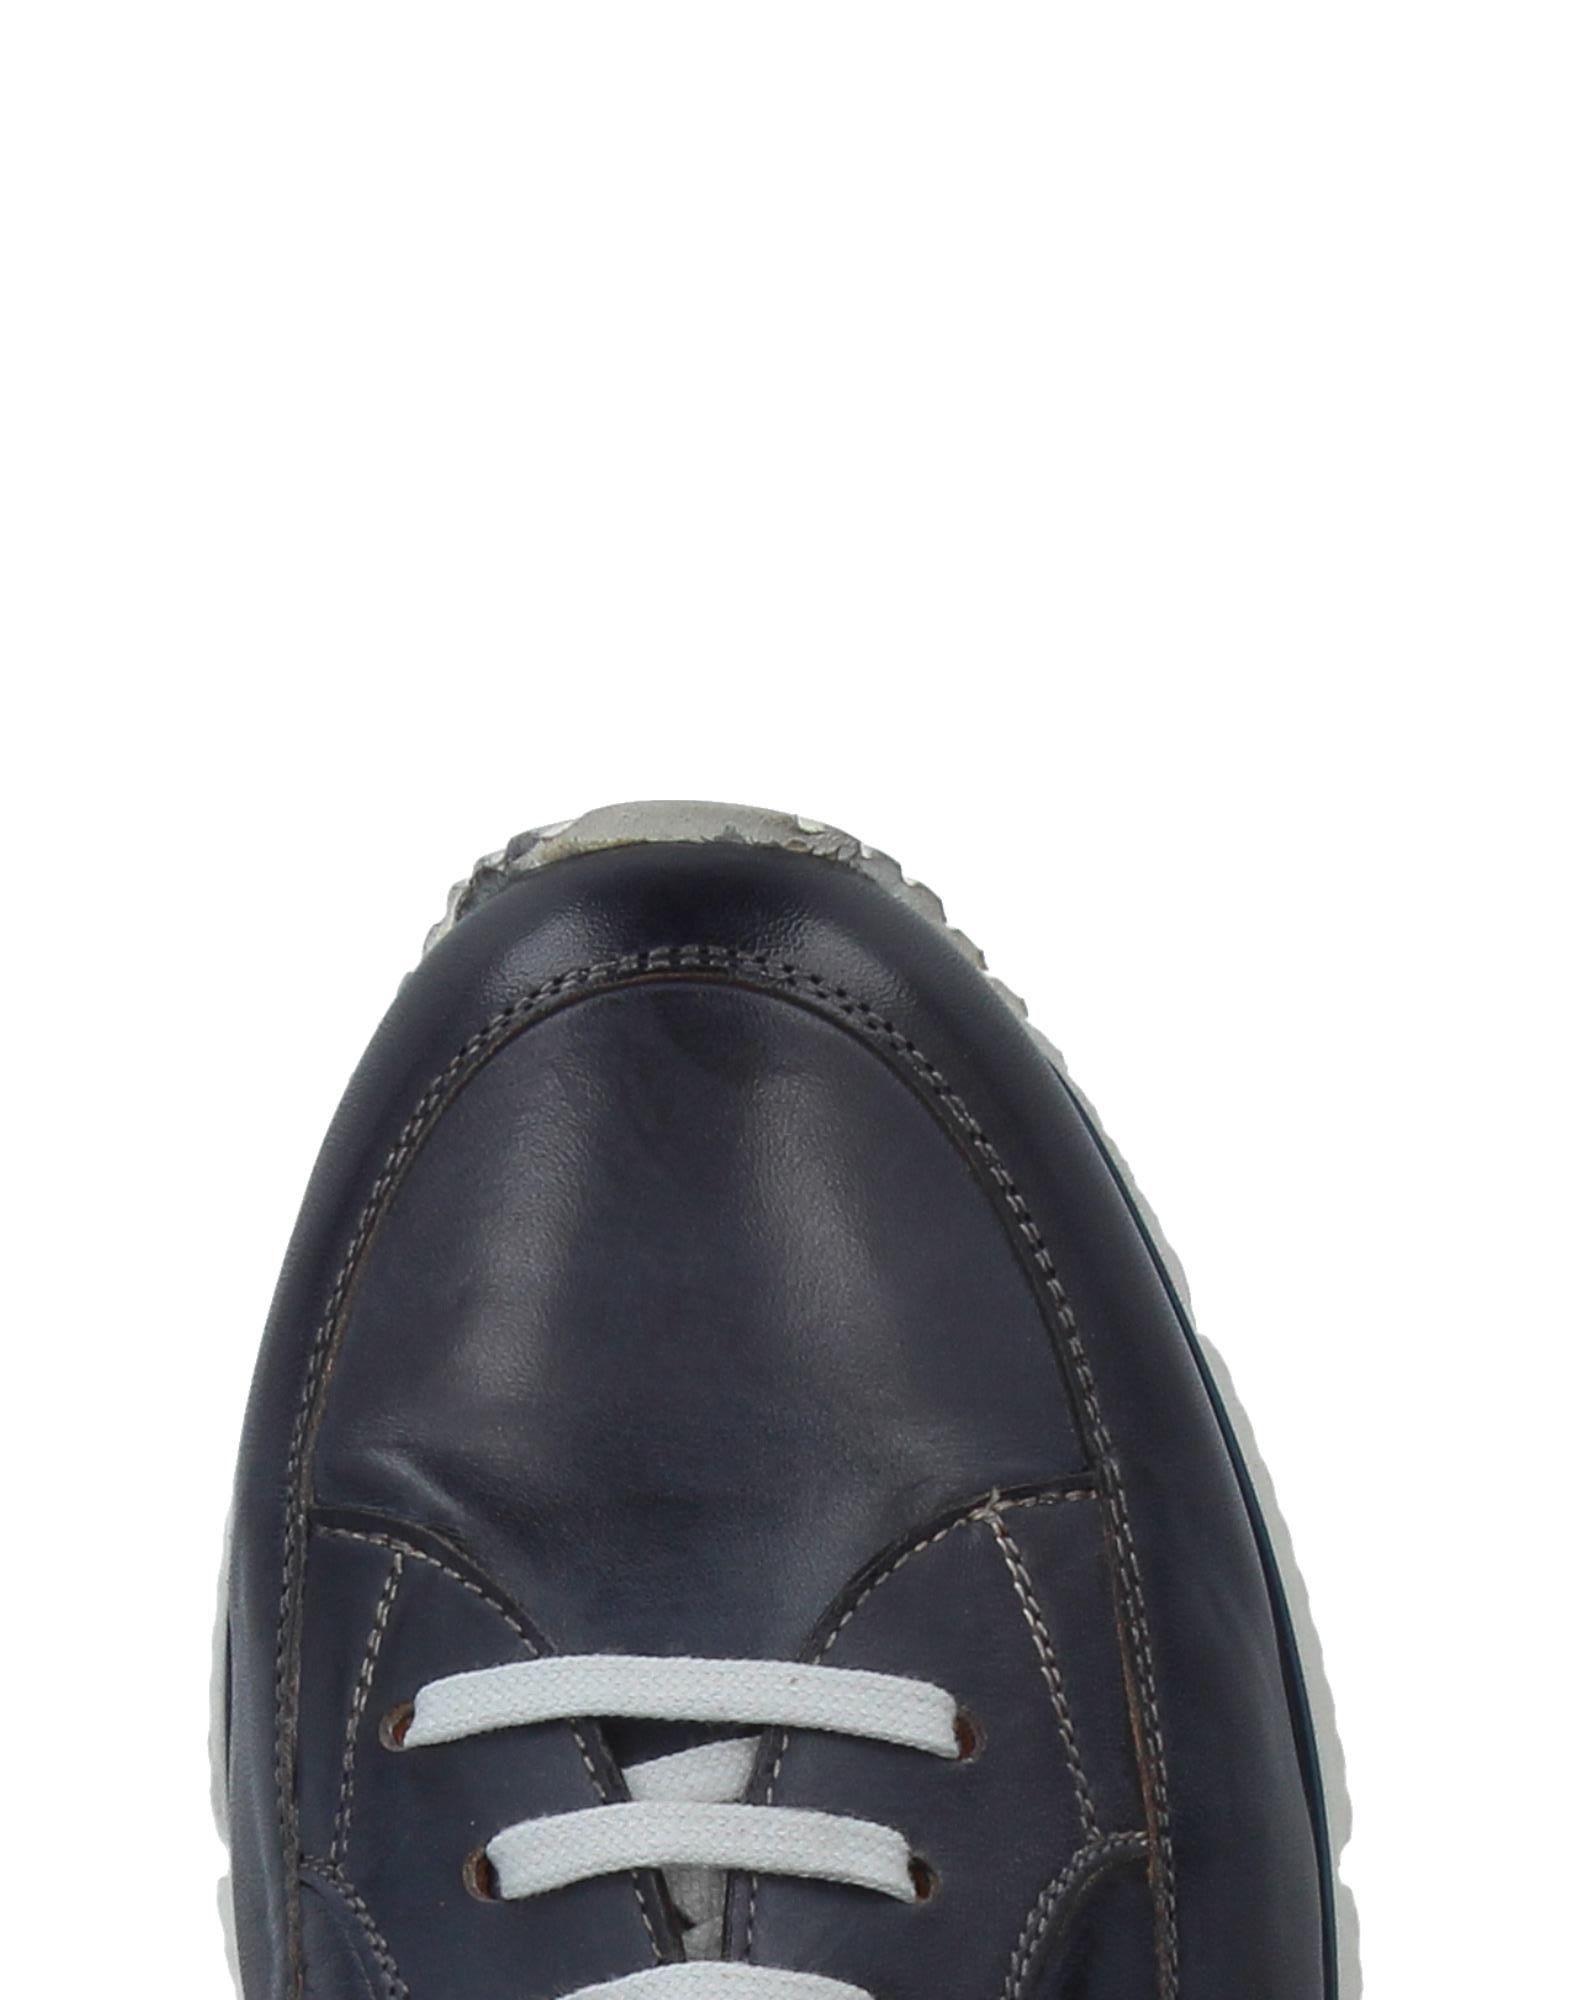 11407702FI Calpierre Sneakers Herren  11407702FI  Heiße Schuhe aa72e0